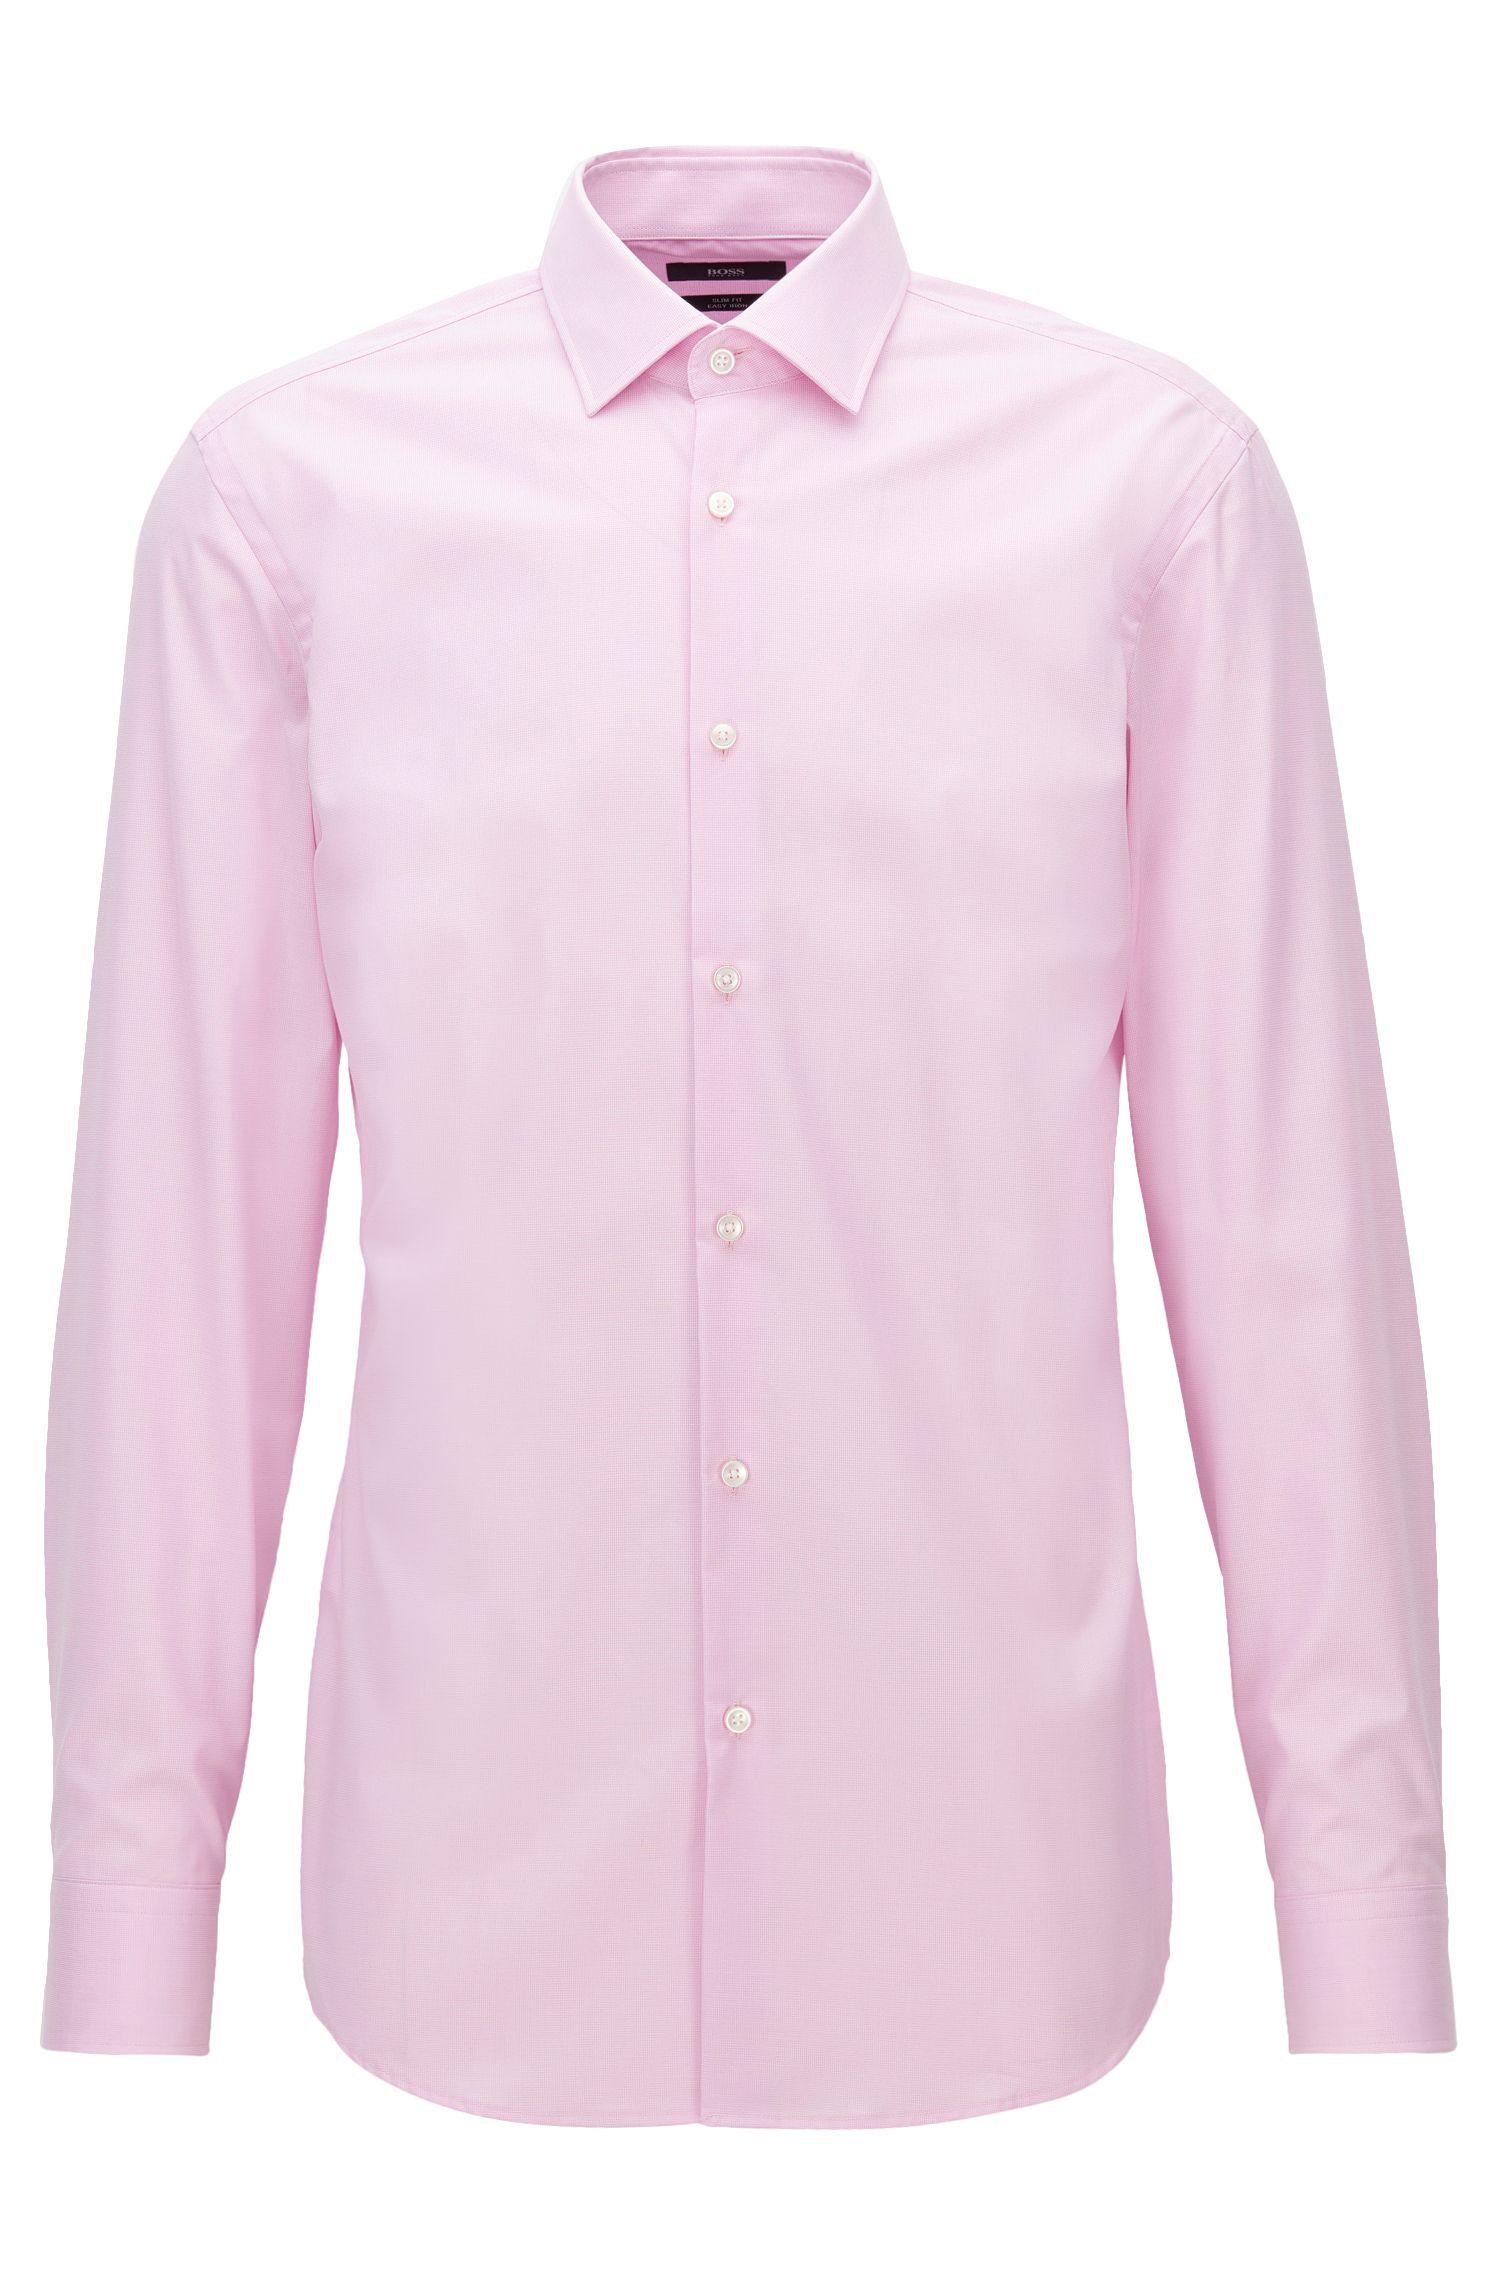 Camisa slim fit en tejido de algodón a cuadros discretos